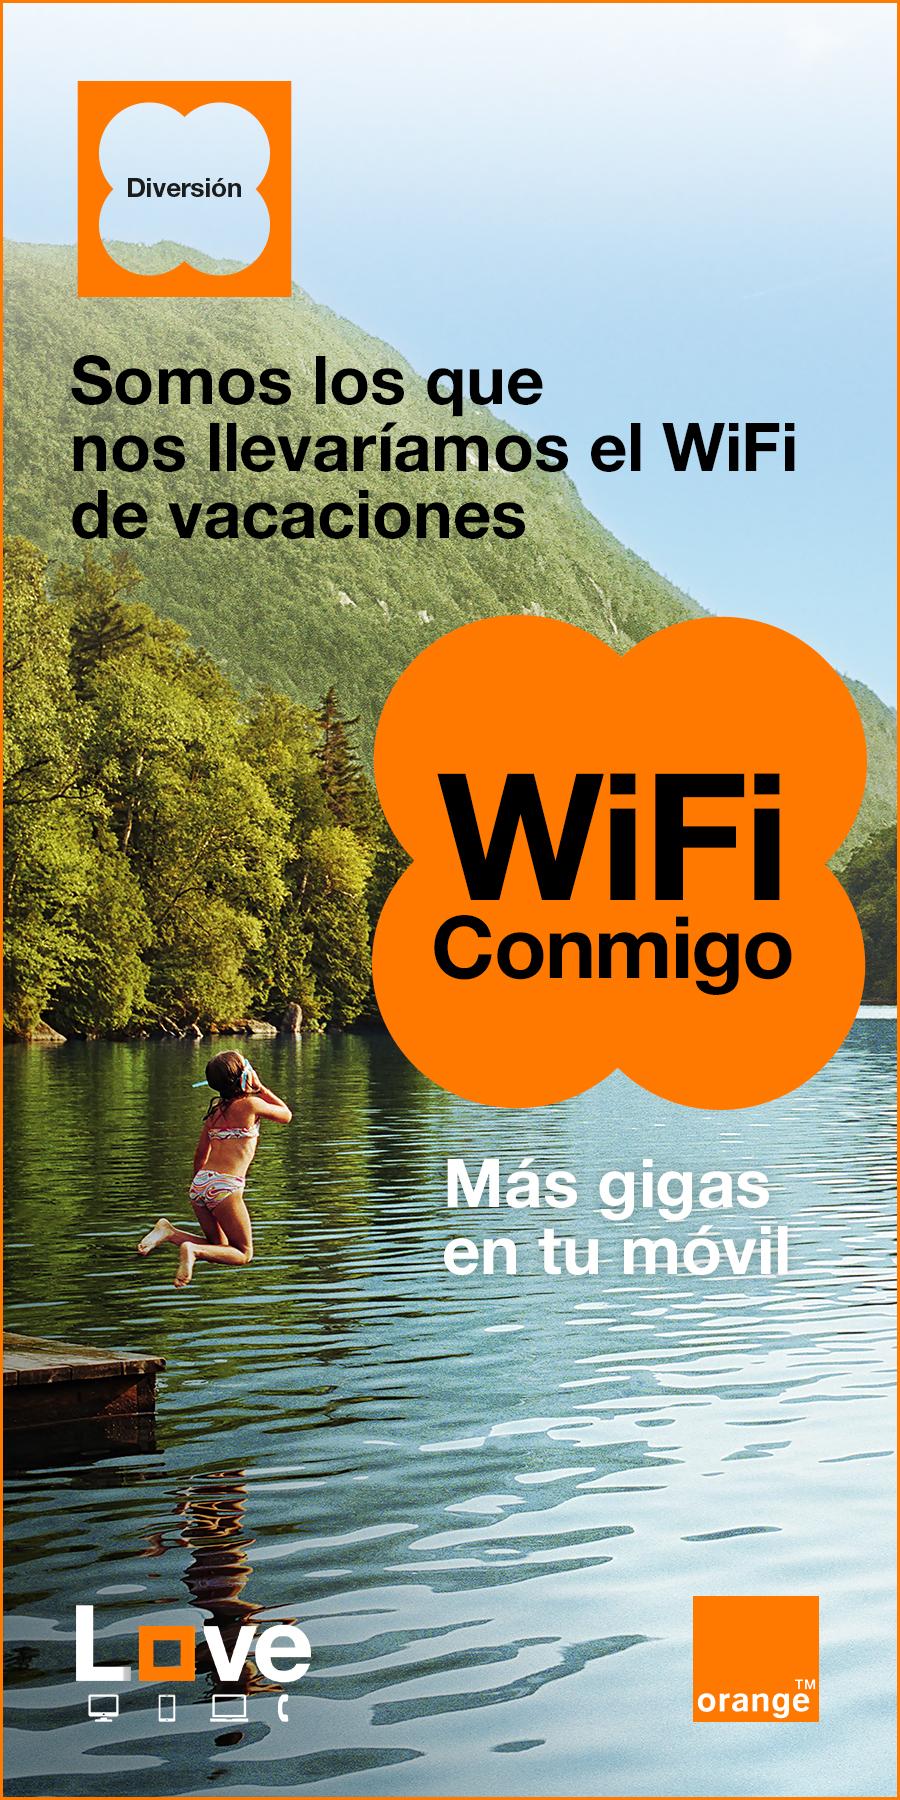 beneficios de Wifi Conmigo